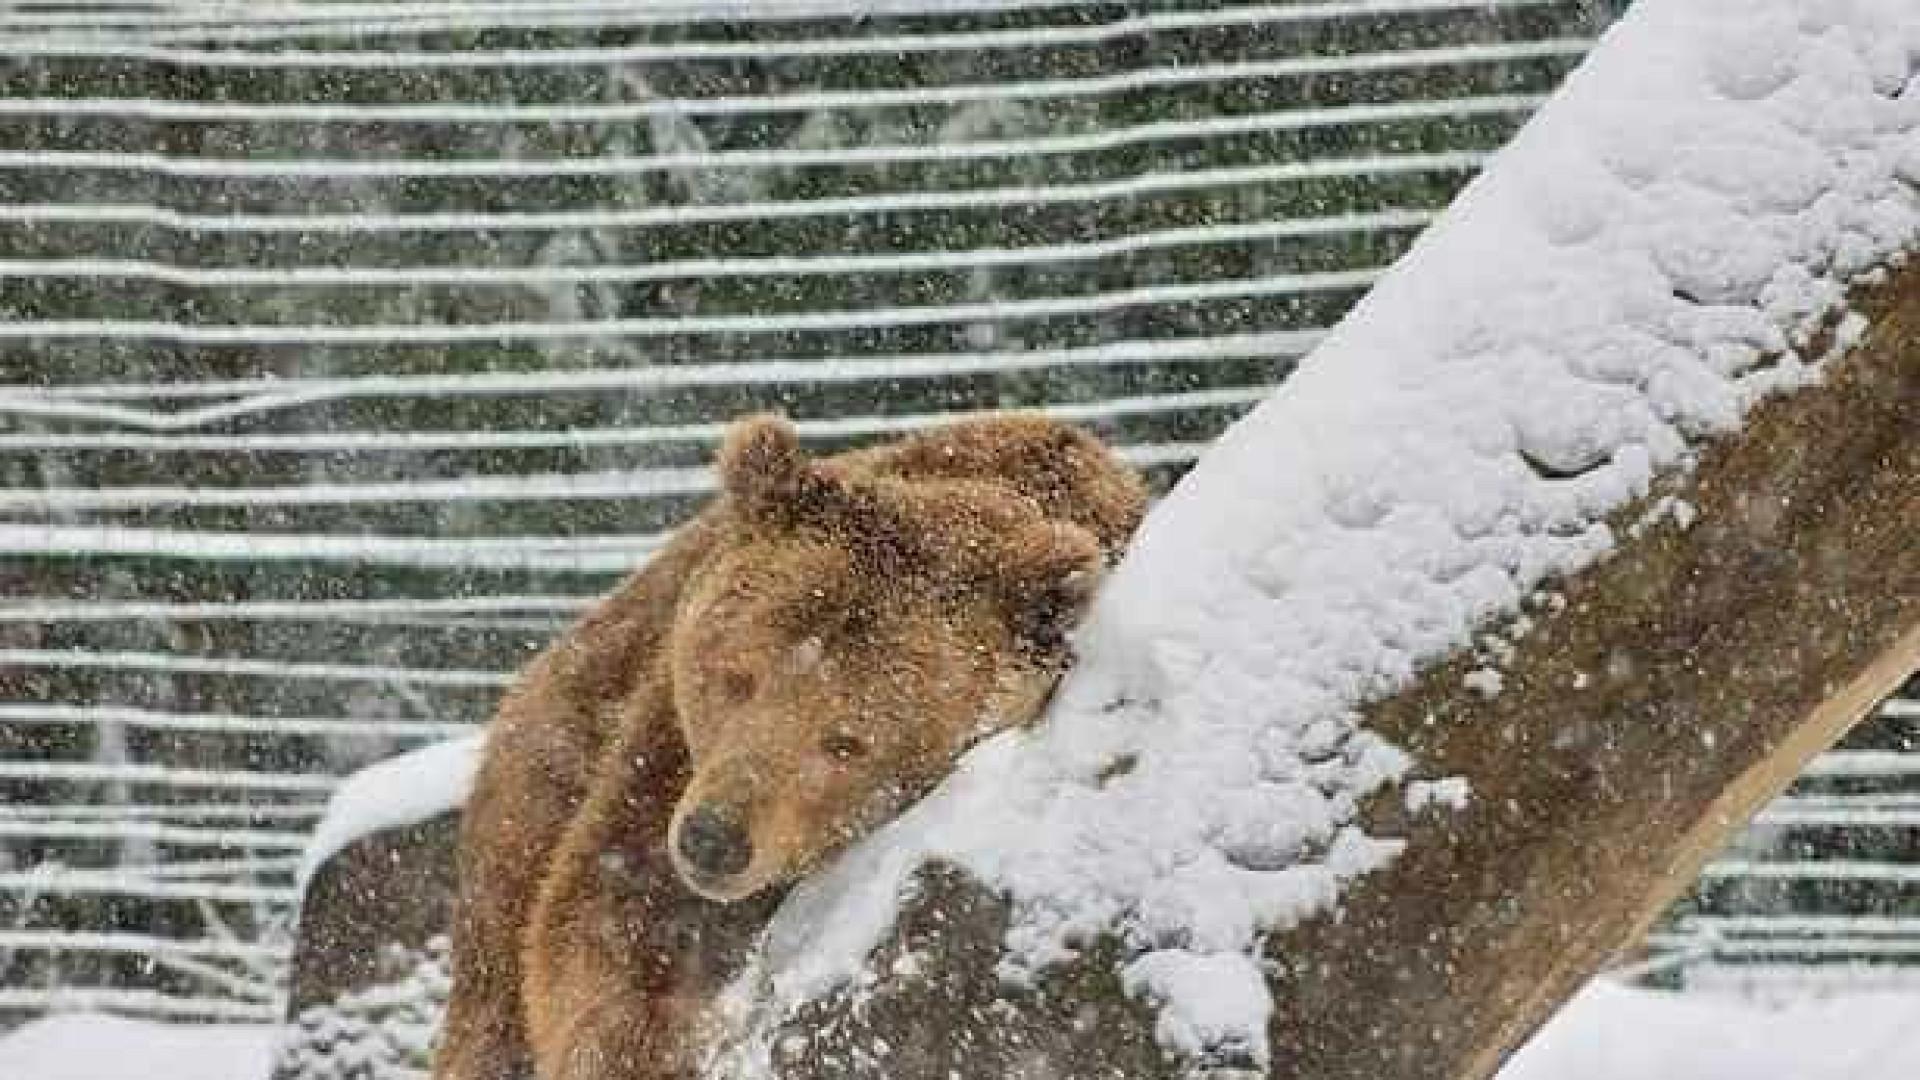 Após 20 anos numa jaula, urso brinca pela primeira vez na neve